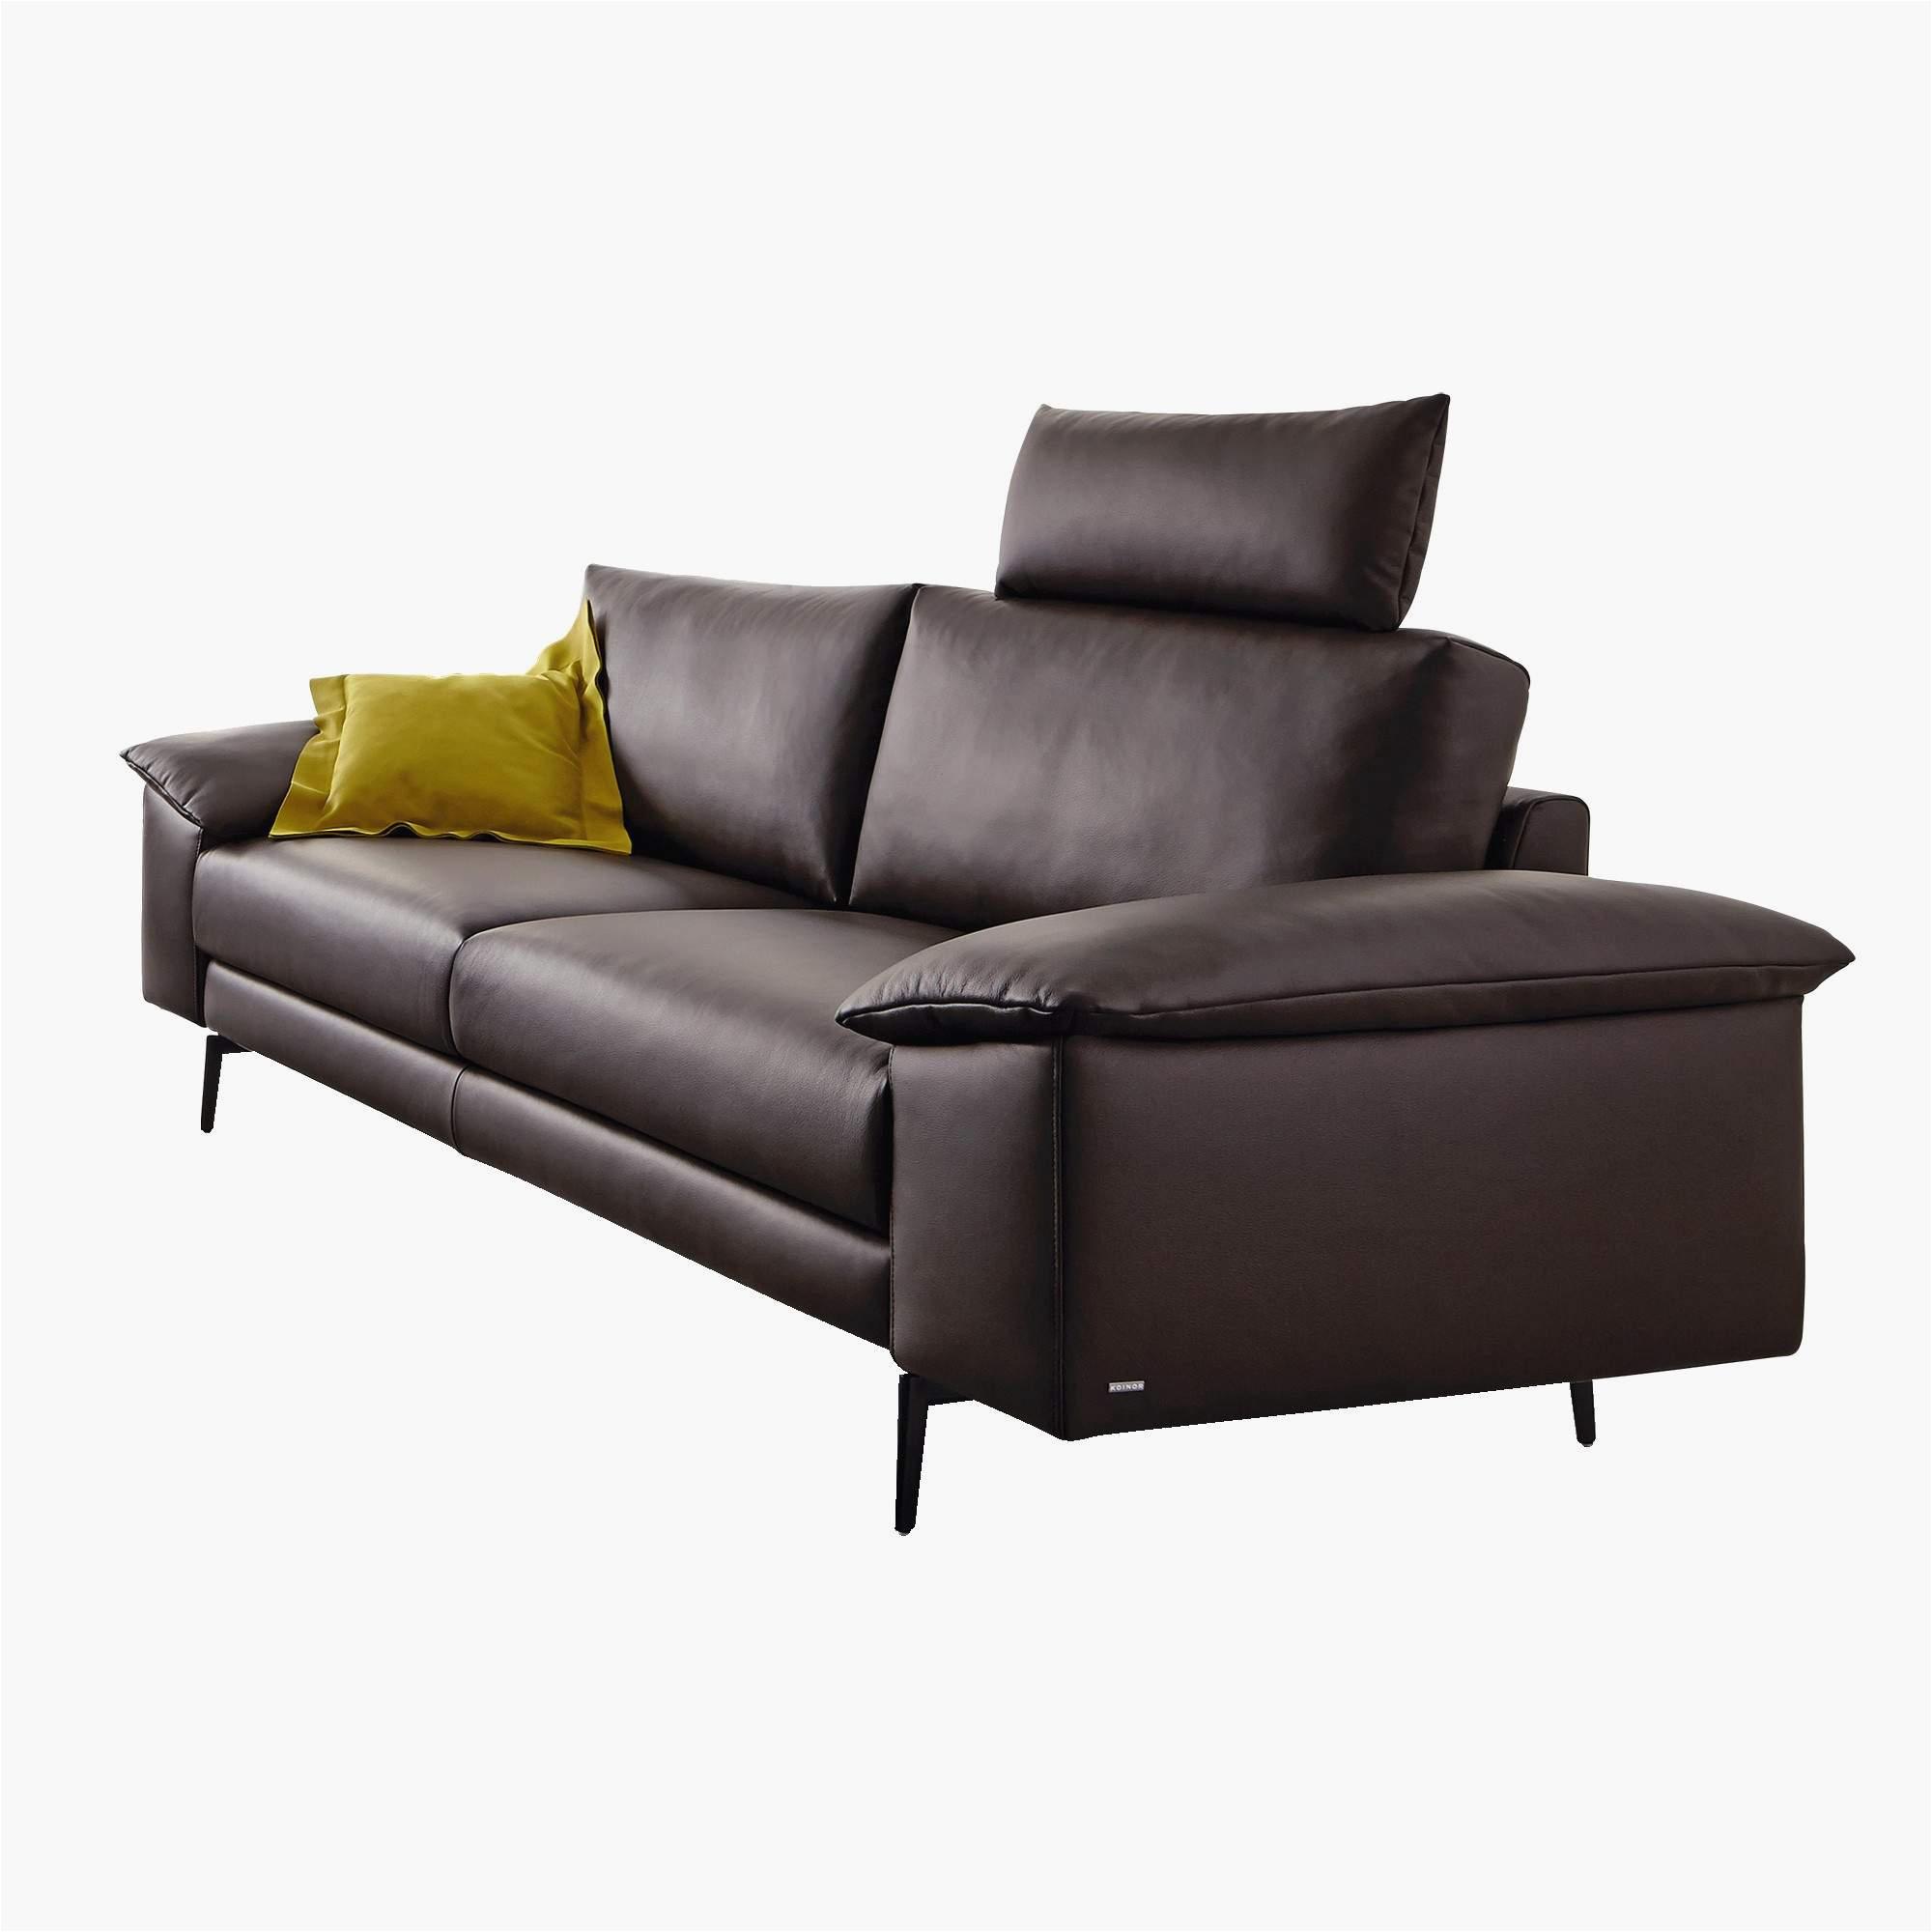 Sofa Und 2 Sessel Wohnzimmer 27 Einzigartig Wohnzimmer sofas Inspirierend